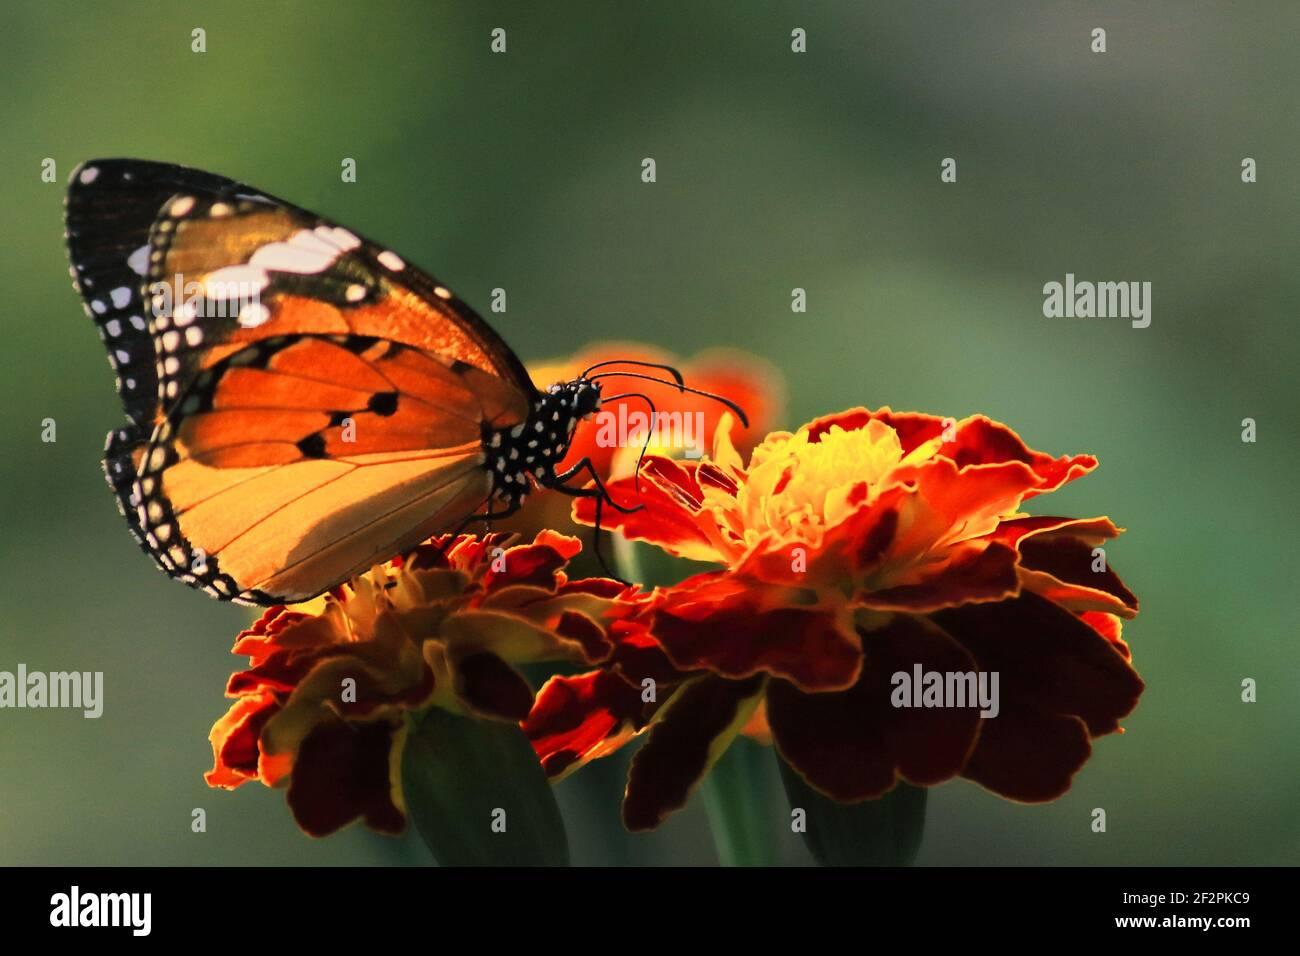 el tigre llano hermoso o la reina africana o la mariposa monarca africana (danaus chrysippus) está recogiendo el néctar de las flores, jardín de la mariposa en la india Foto de stock